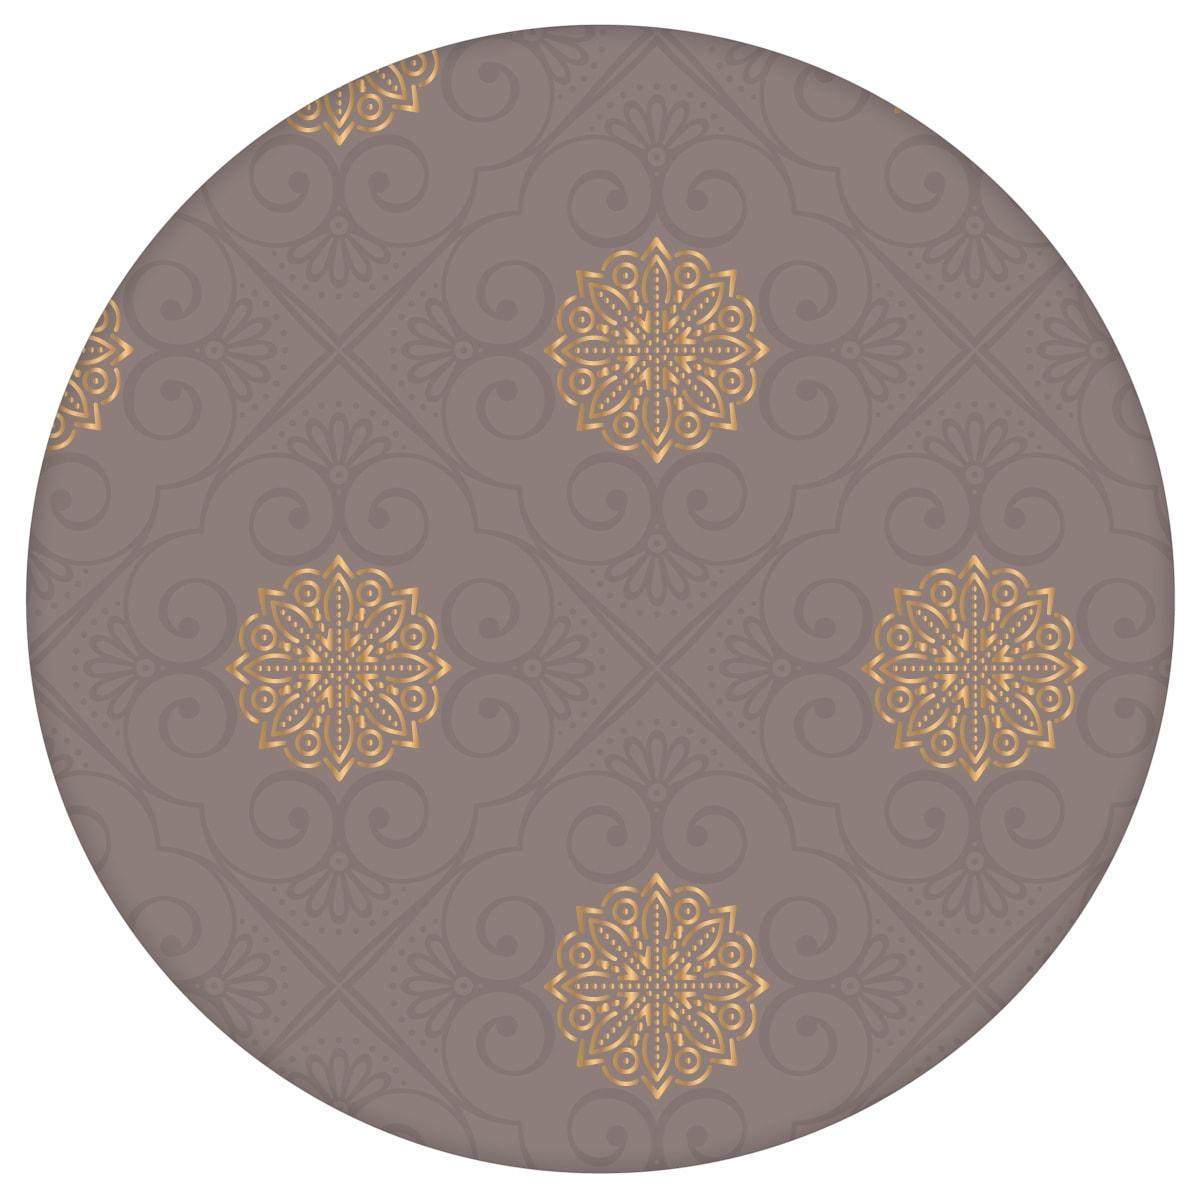 """Elegante oriental Tapete """"Mandarin"""", grau braune Vlies-Tapete, Ornamenttapete für Wohnzimmer aus den Tapeten Neuheiten Exklusive Tapete für schönes Wohnen als Naturaltouch Luxus Vliestapete oder Basic Vliestapete"""